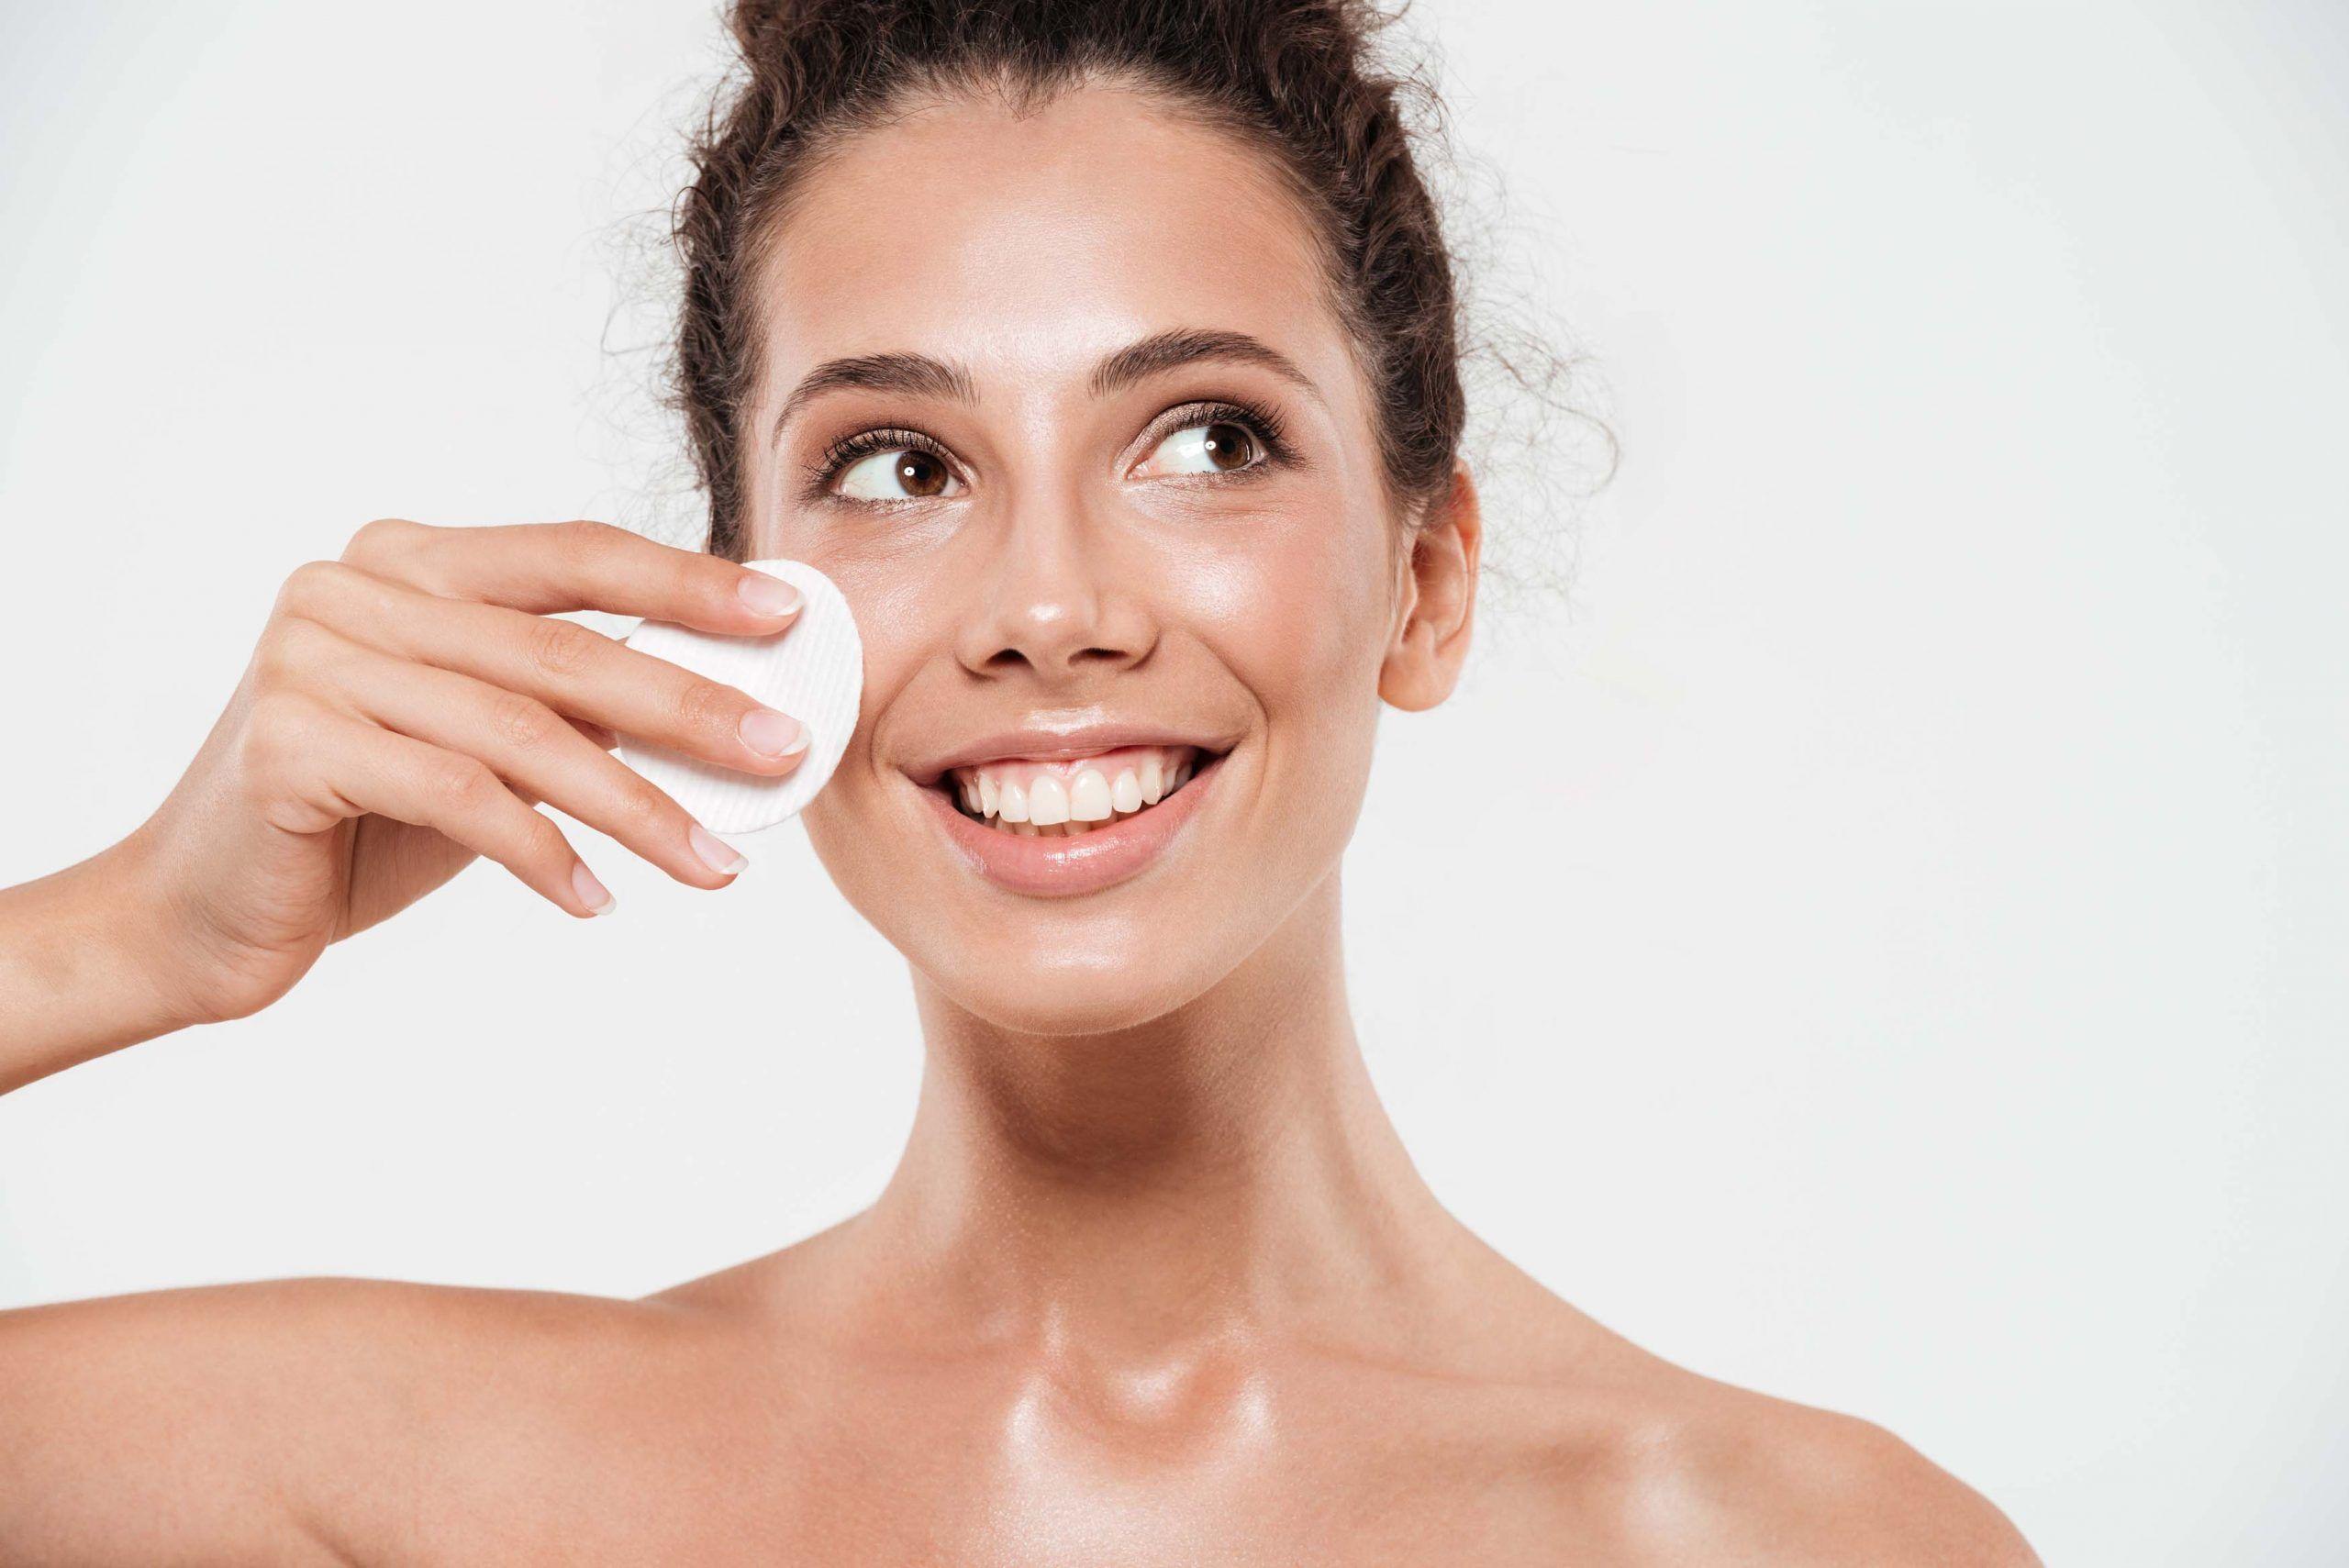 Consejos para mantener la piel siempre joven